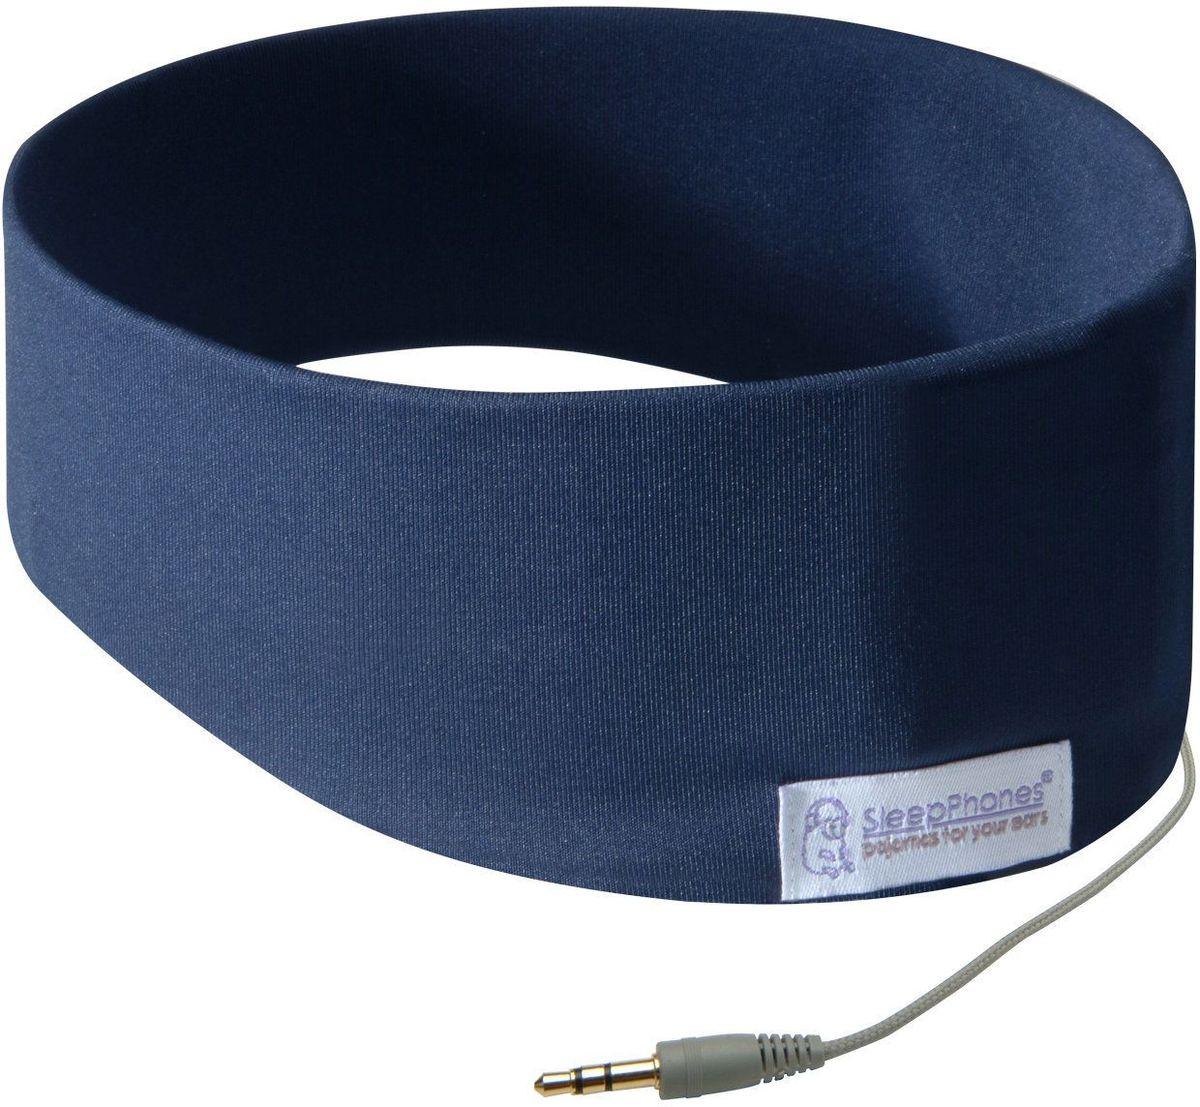 SleepPhone SC5 наушники, BlueSC5UMЗапатентованный, уникальный дизайн наушники в головной повязке - для вашего максимального комфорта и удобства. Мягкие ультратонкие наушники обеспечивают максимальный комфорт при эксплуатации. Внутри мягкой головной повязки находятся беспроводные динамики. Плоские квадратные динамики заключены в текстильные чехлы. Материал динамиков гибкий, не имеющий никаких острых, громоздких краев и деталей. Динамики могут изменять положения для достижения максимального качества звучания, либо выниматься, если головную повязку необходимо постирать.Наушники SleepPhones обеспечивают надежную фиксацию, они остаются на месте во время активных движений при тренировке или во время сна.Мягкая, комфортная повязка-наушники SleepPhones помогает заснуть быстрее и спать крепче, снижая влияние окружающего шума, разговоров, звуков движения, храпа.Головная повязка изготовлена из гипоаллергенной ткани, которую можно стирать в стиральной машине.Усовершенствованное качество звука, экологически чистая электроника, без присутствия свинца.Сверхтонкая, мягкая, съемная внутренняя система стереонаушников.Шнур: 120 см.Стерео-разъем: 3.5 мм, 32 Ом, 20-20 кГц, 300/500 мВт.Соответствие Директивам ЕС по ограничению вредных веществ.Размеры: 55-59см.Цвета: черный, бледно-лиловый, светло-серый, модель Breeze - розовый, синий.Материал: классическая версия: 88% переработанный пластик-полиэстер Polartec, 12% спандекс;версия Breeze: 95% переработанный пластик-полиэстер Polartec, 5% спандекс.